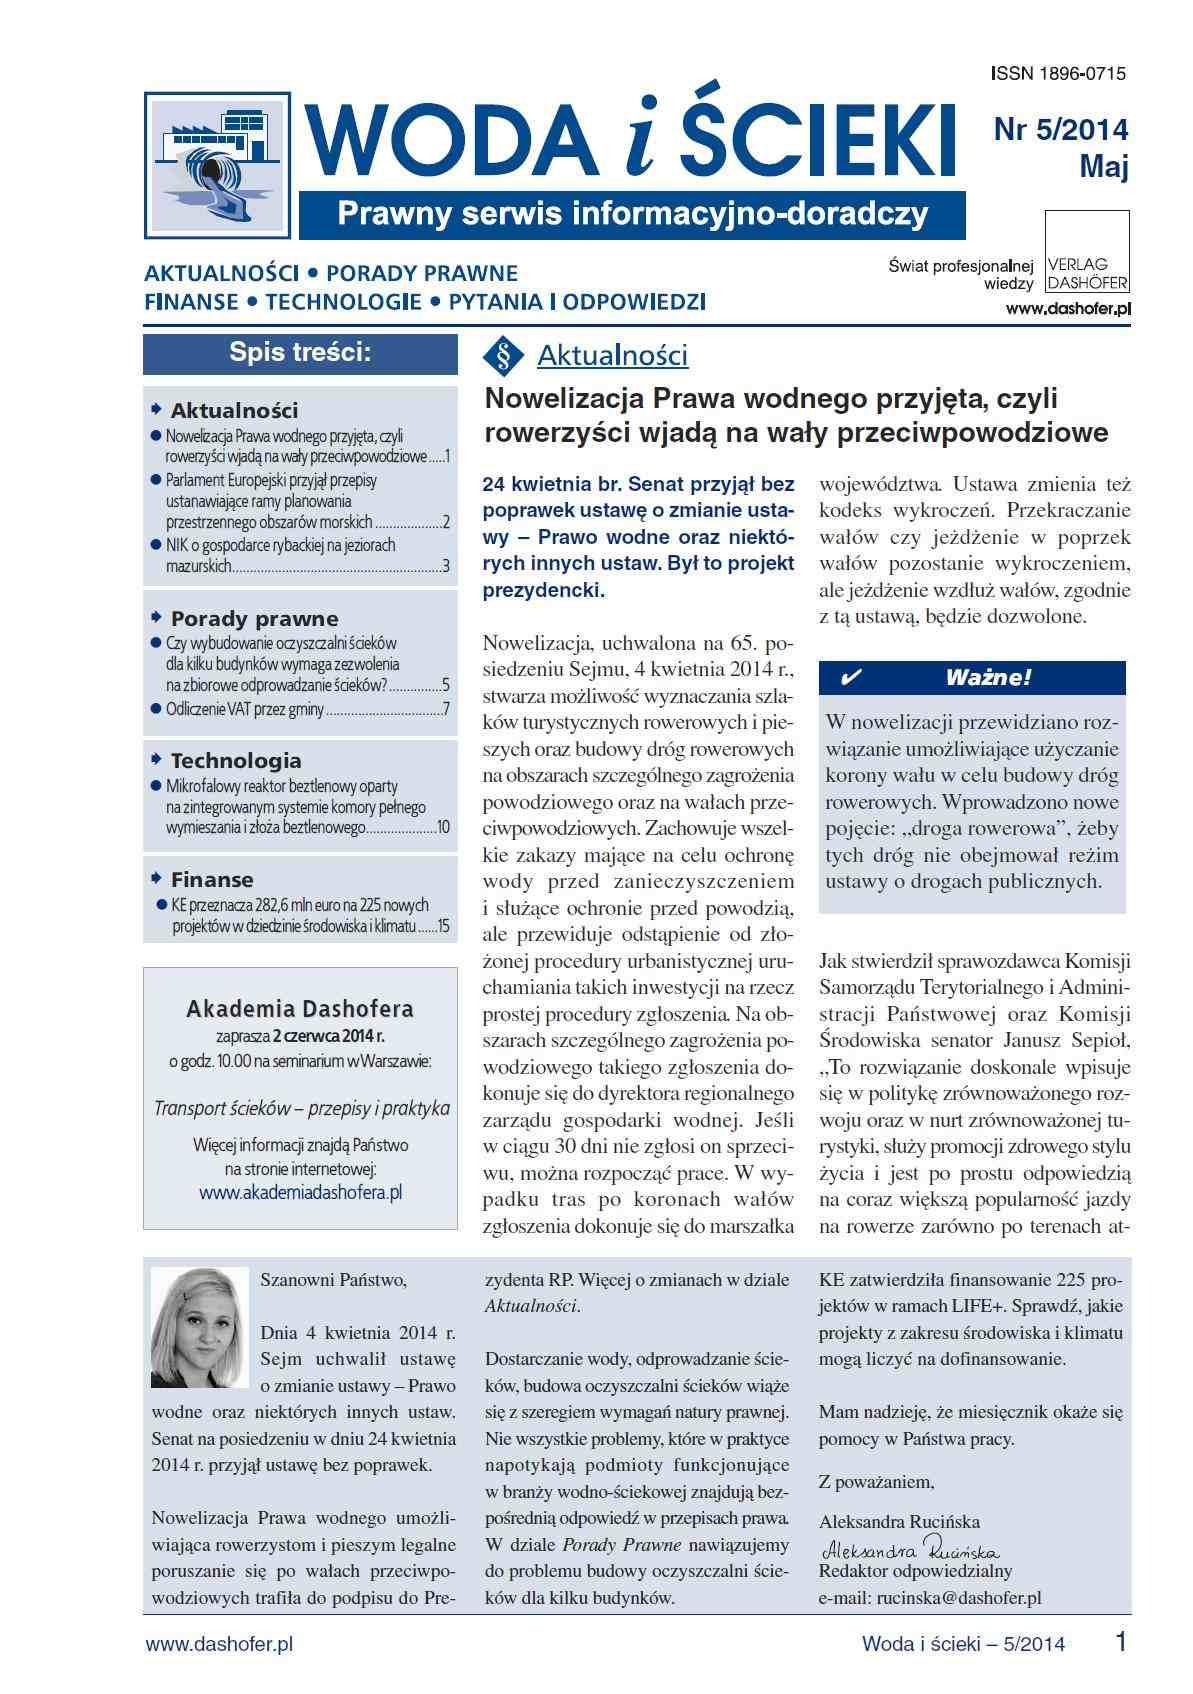 Woda i ścieki. Prawny serwis informacyjno-doradczy. Nr 5/2014 - Ebook (Książka PDF) do pobrania w formacie PDF